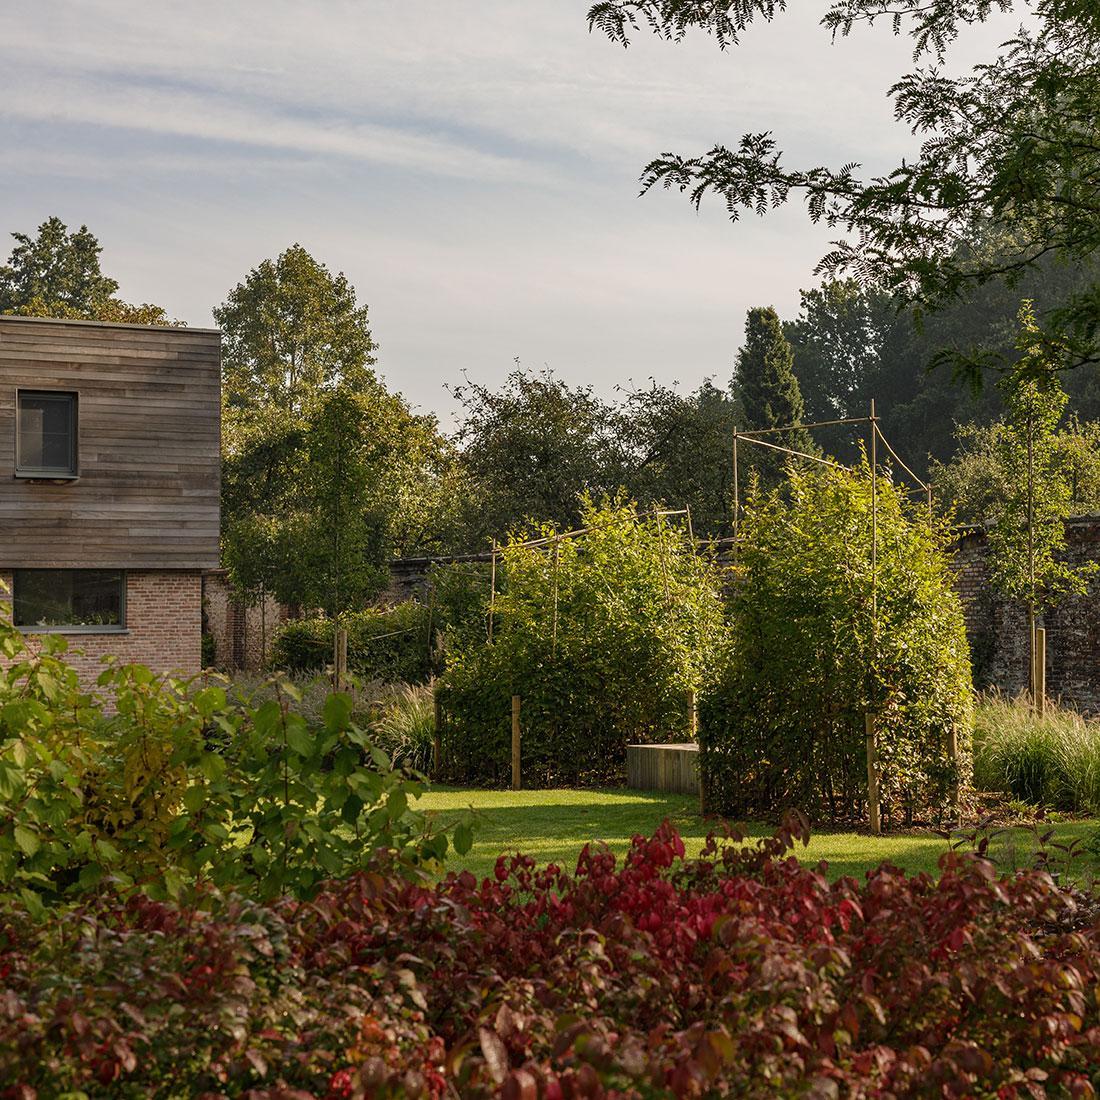 177-kasteeltuin-villatuin-multibat-topiary-carpinus-fagus-oprijlaan-natuur-natural-tuinarchitect-tuinontwerp-75.jpg